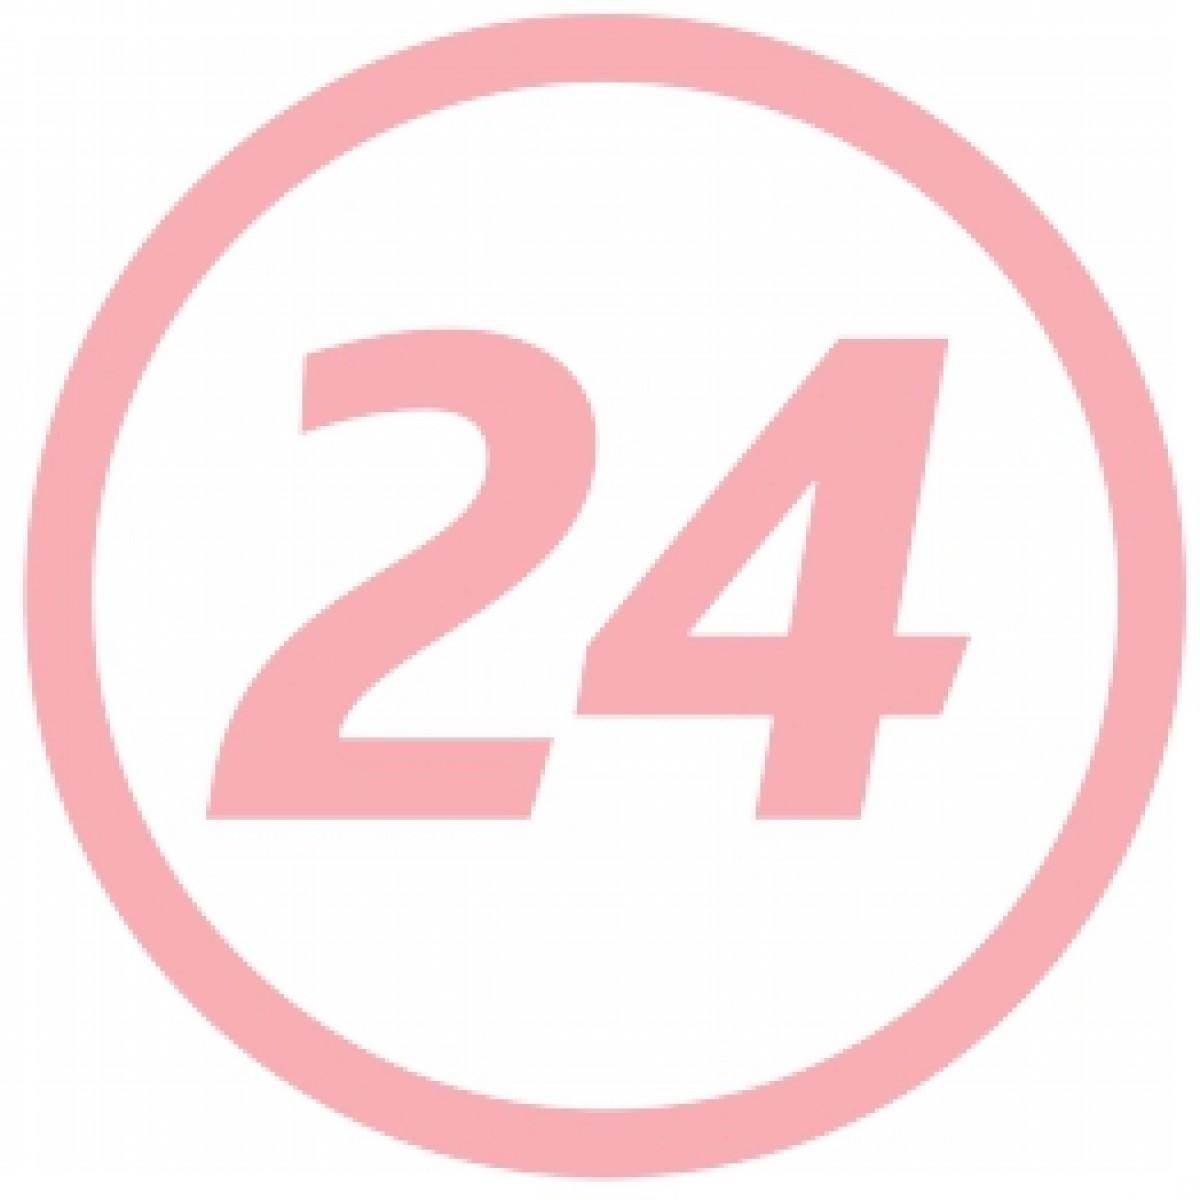 Hartmann Molicare Fixpants Chiloti Materni pentru Fixarea Tampoanelor Marimea L, 3 buc